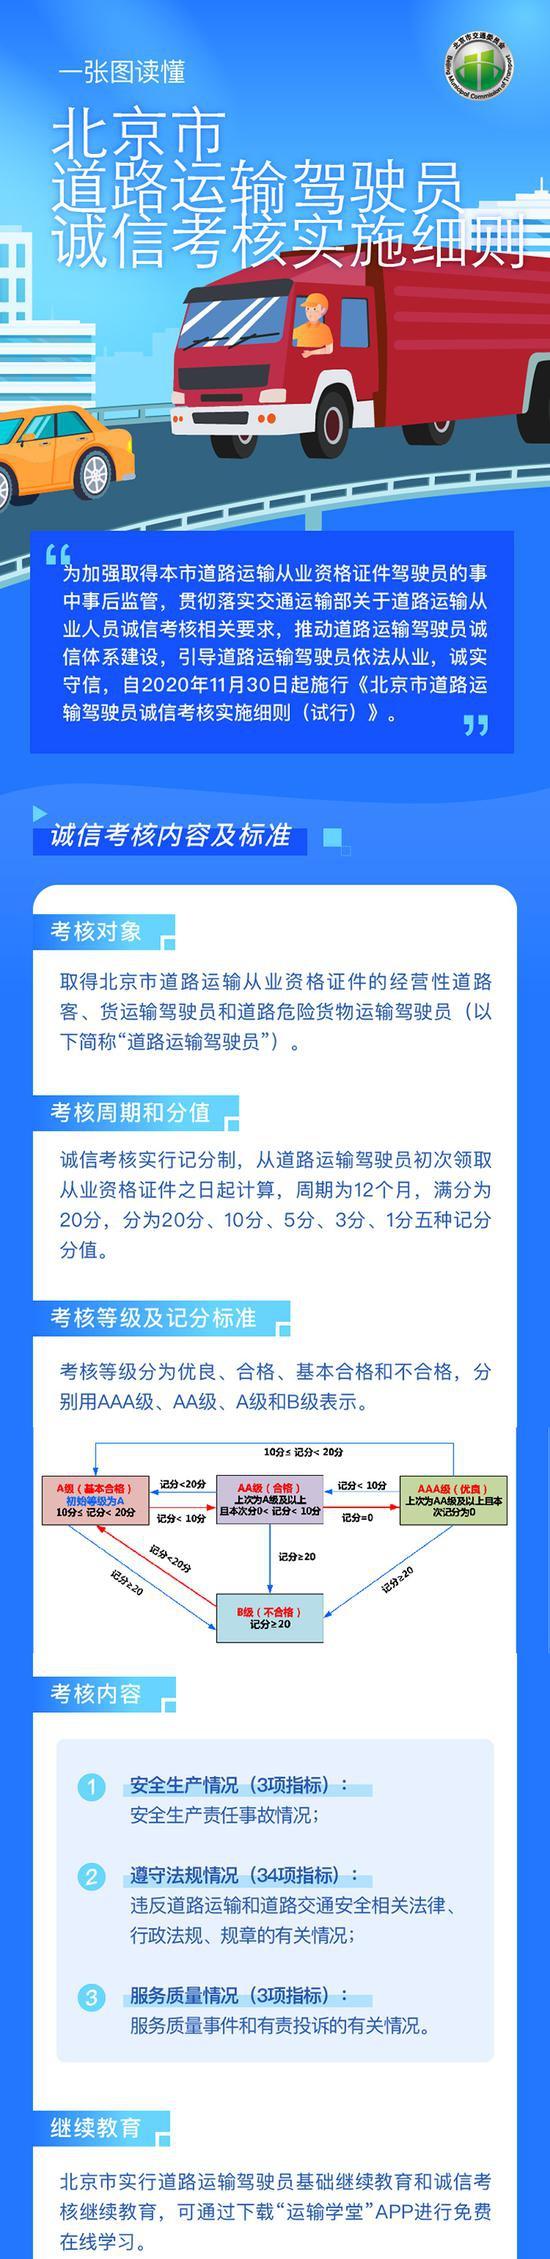 北京道路运输驾驶员诚信考核月底施行 考核不合格或被撤销从业资格图片